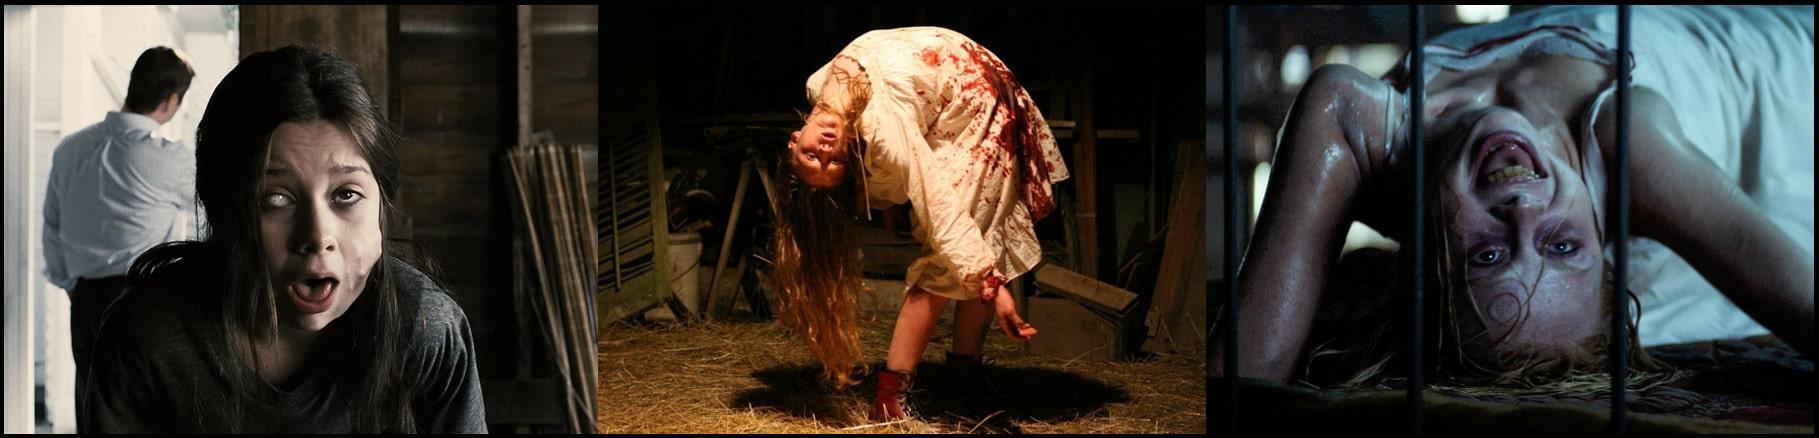 Exorzismusfilme